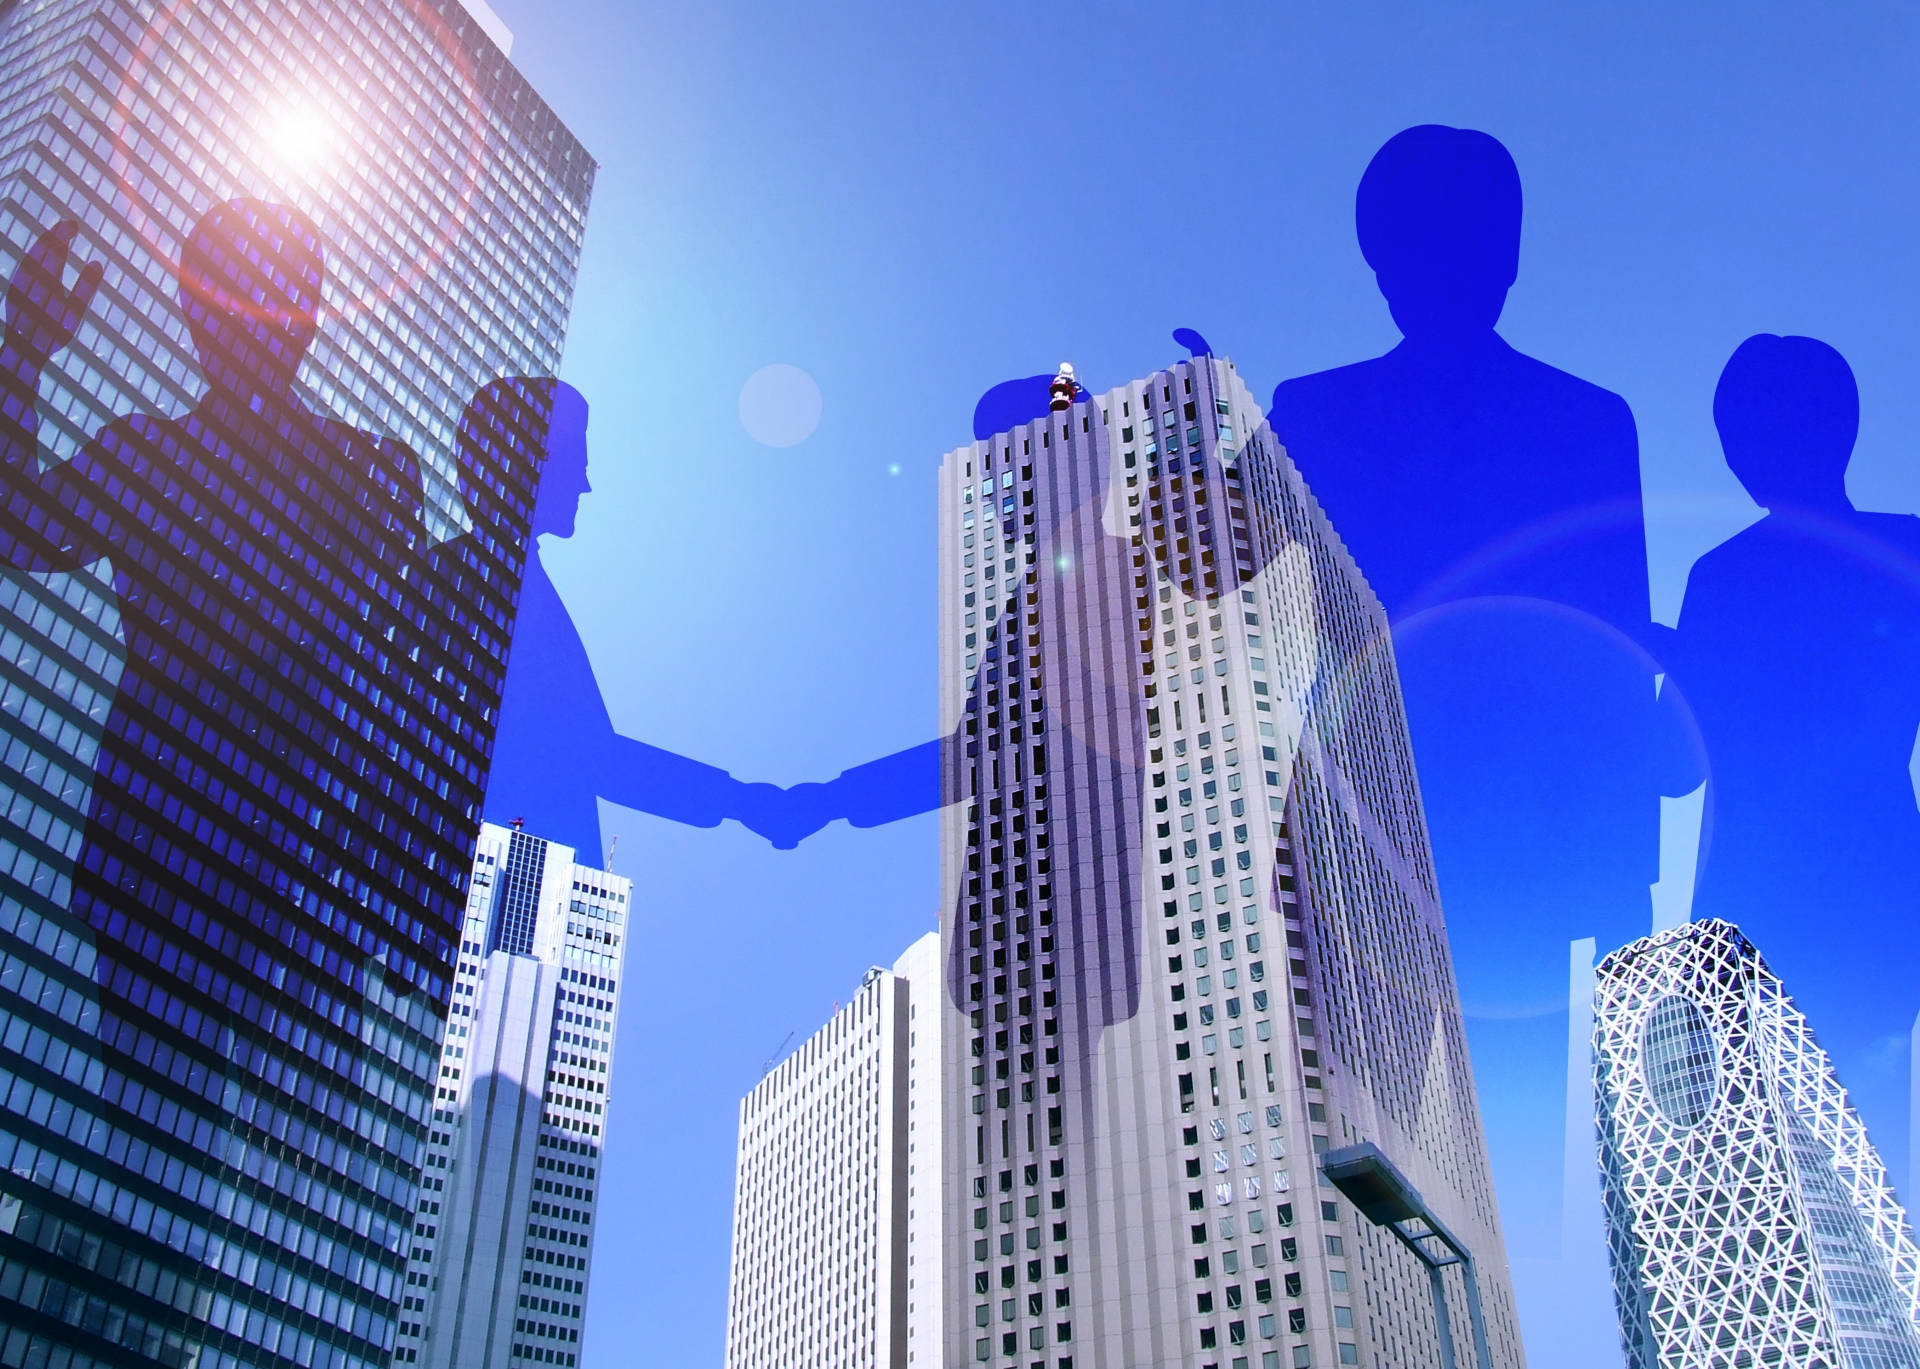 組織マネジメントとは?組織マネジメントの基本知識と必要なスキル | Senses Lab. | アイキャッチ画像